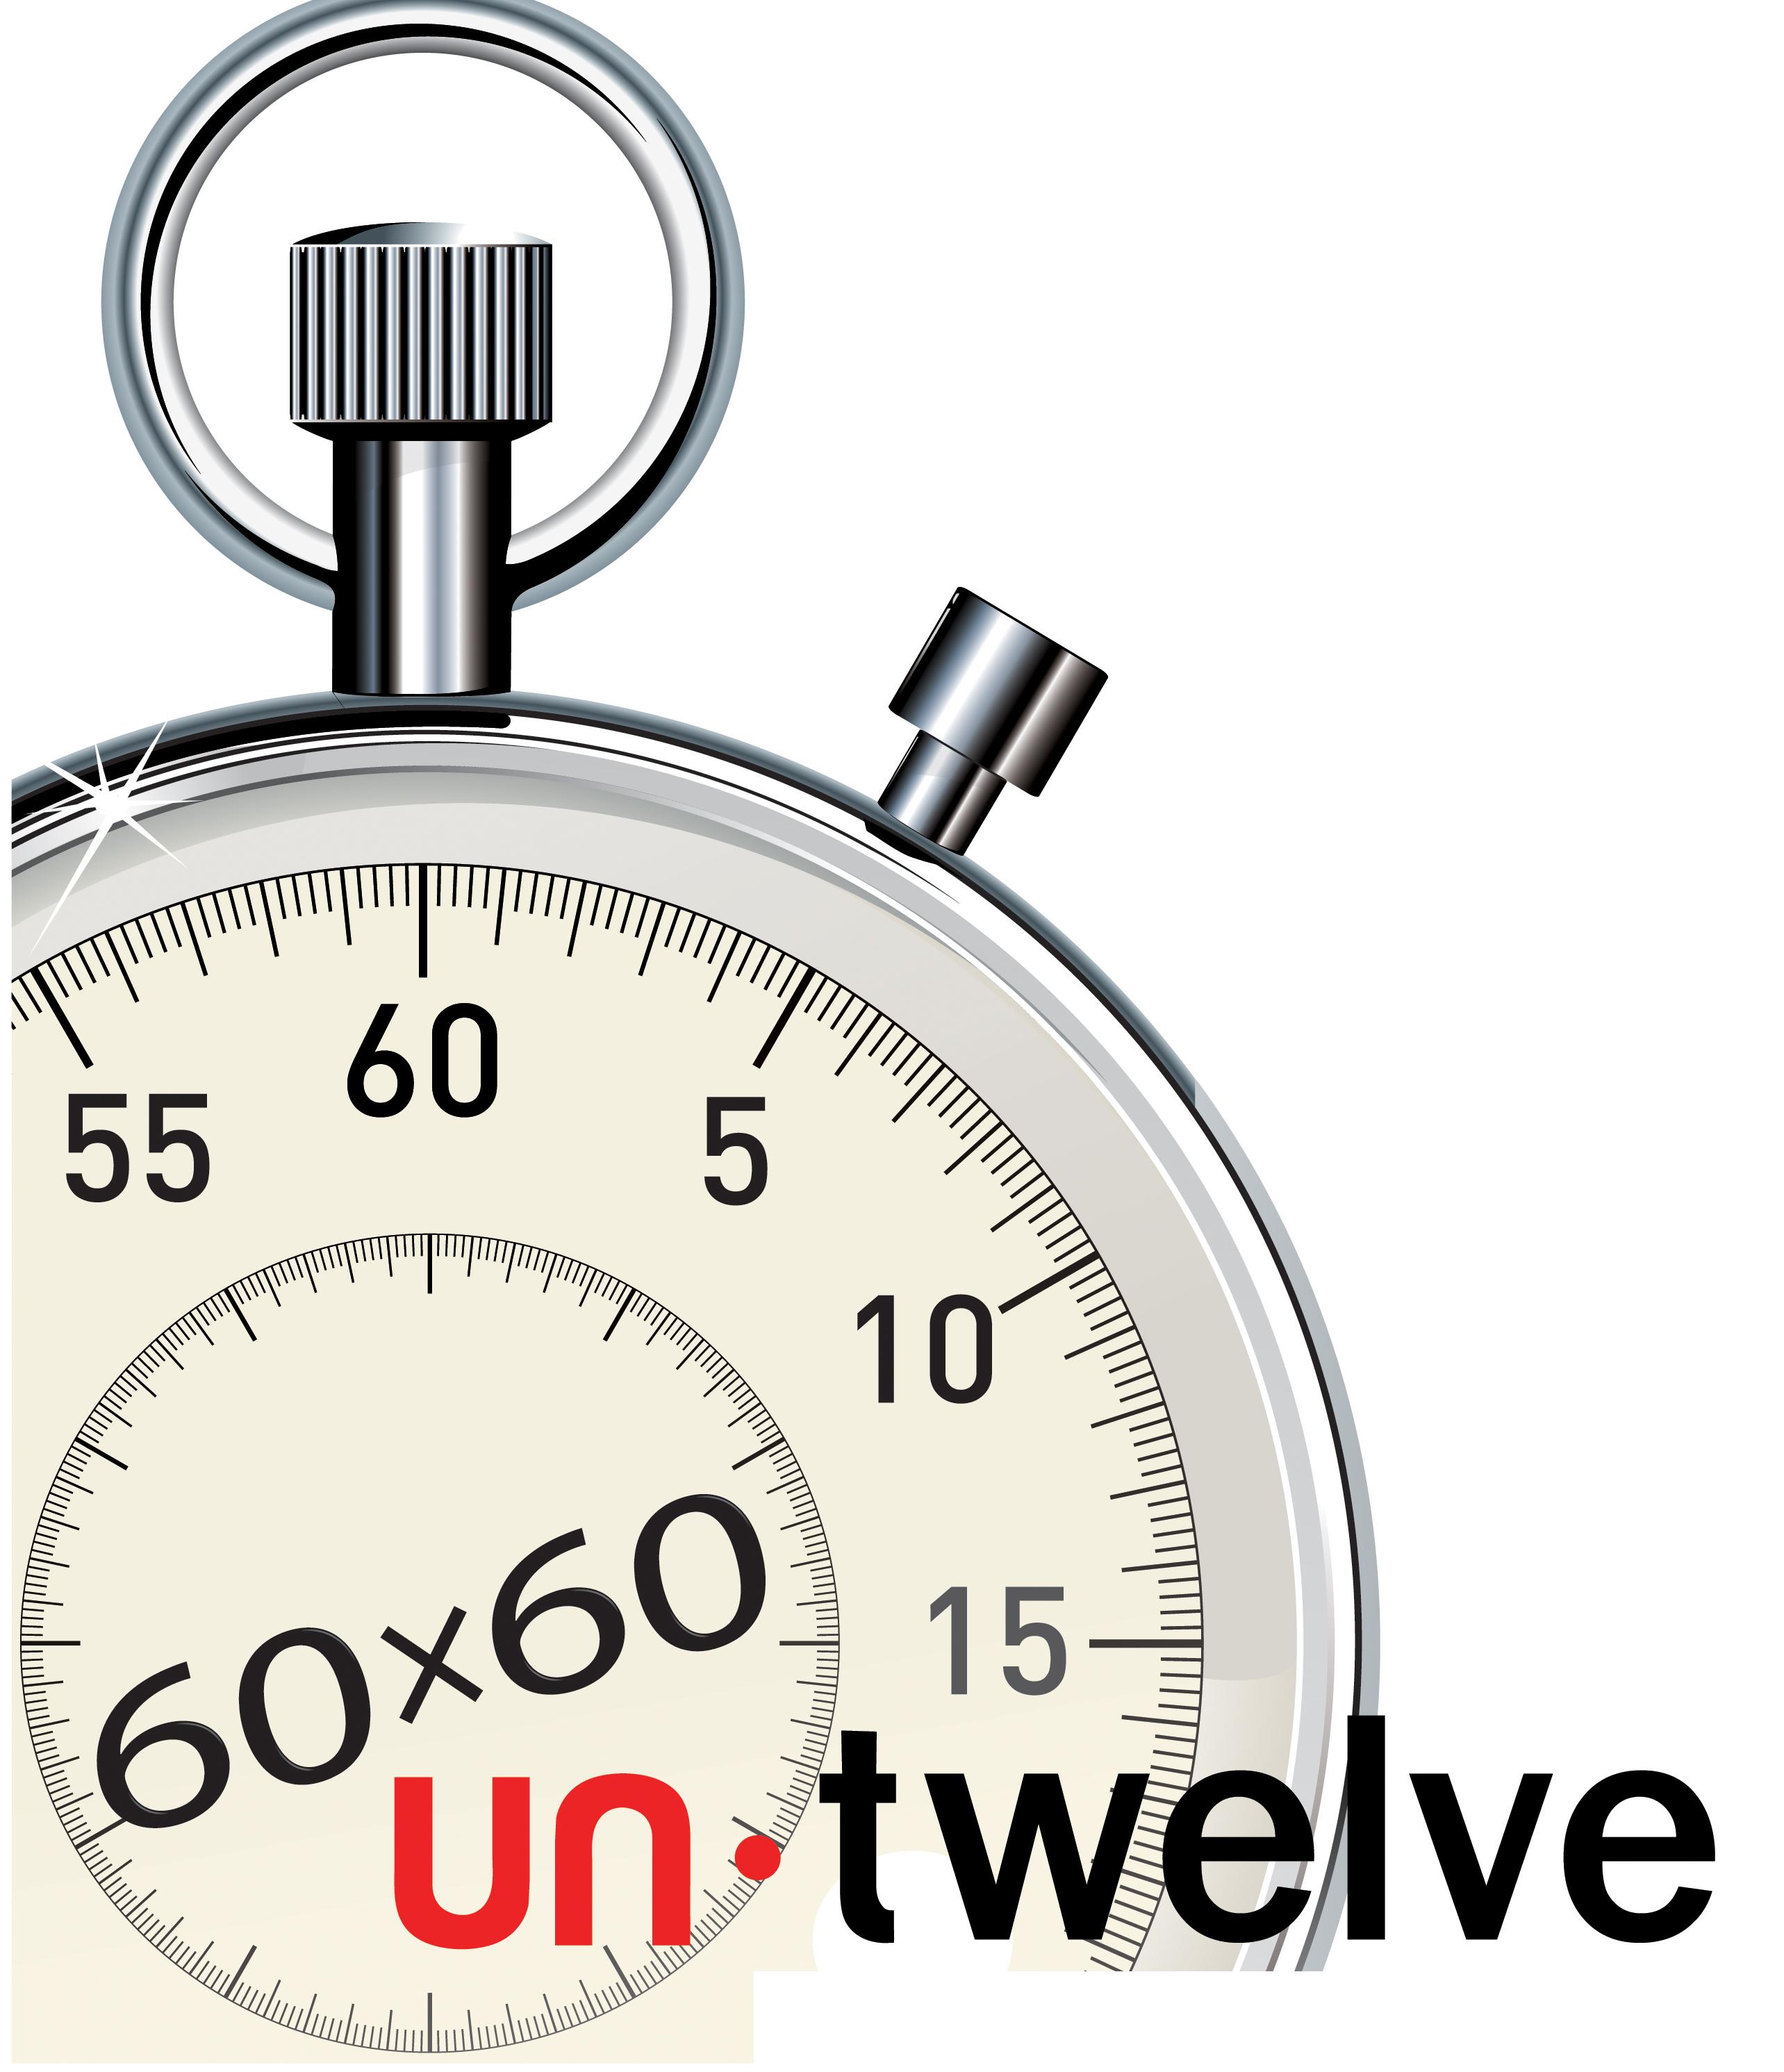 60x60 UnTwelve Mix